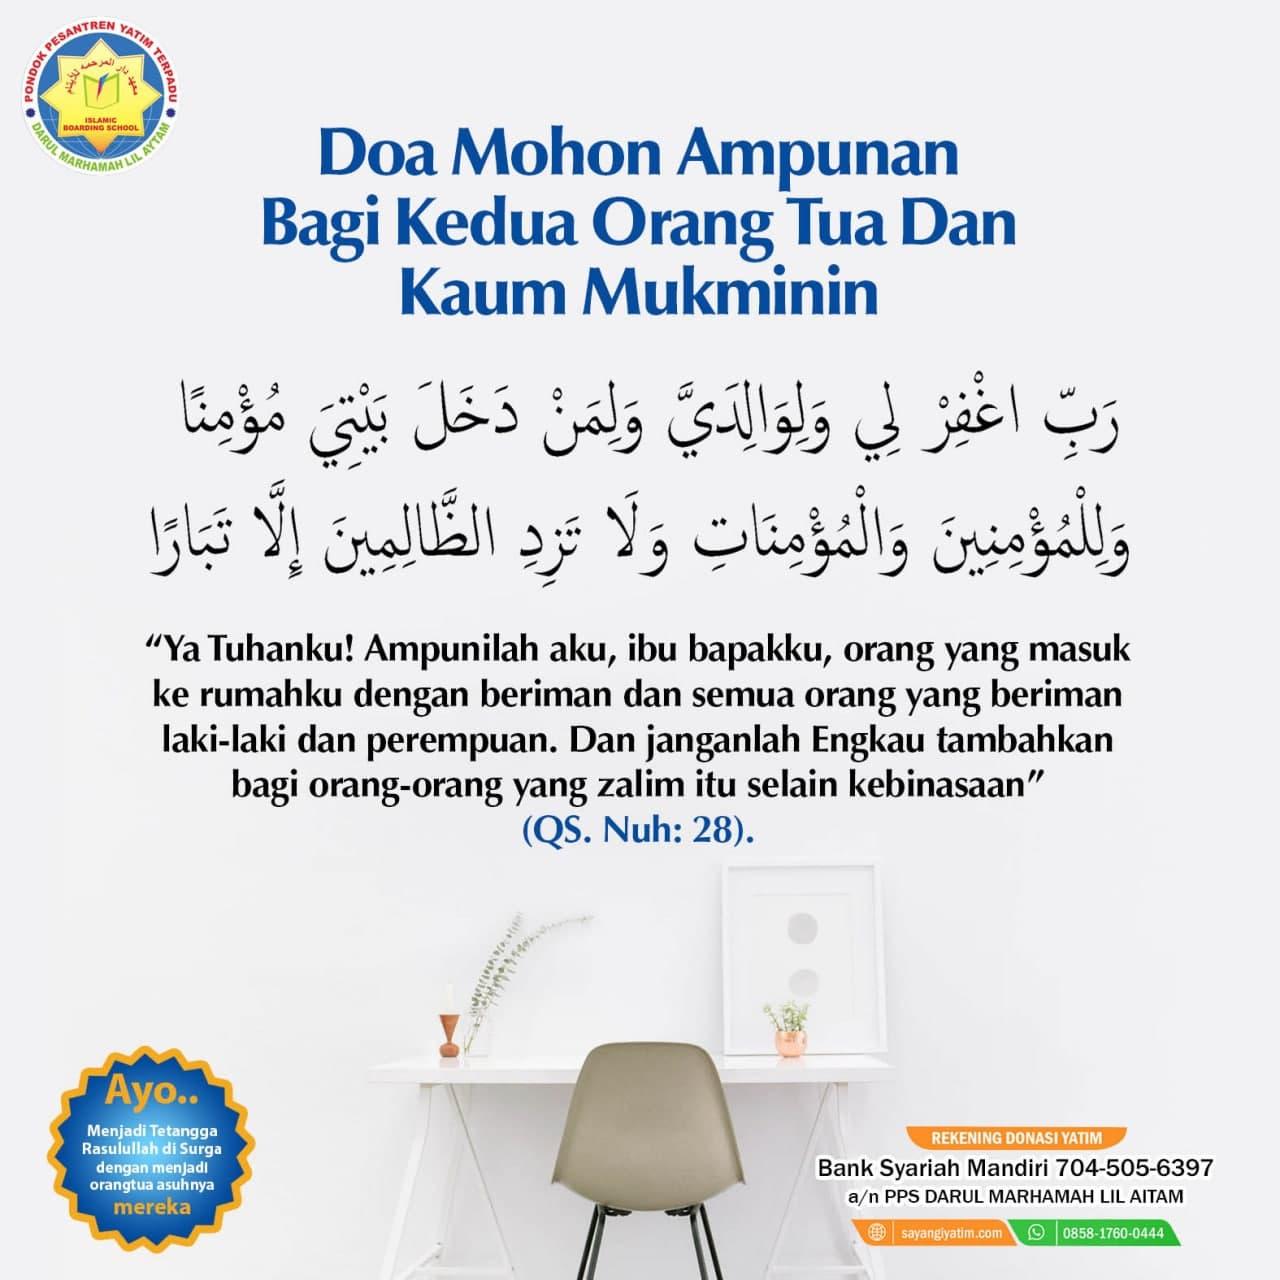 Doa mohon ampunan bagi kedua orang tua dan kaum mukminin AYTAM